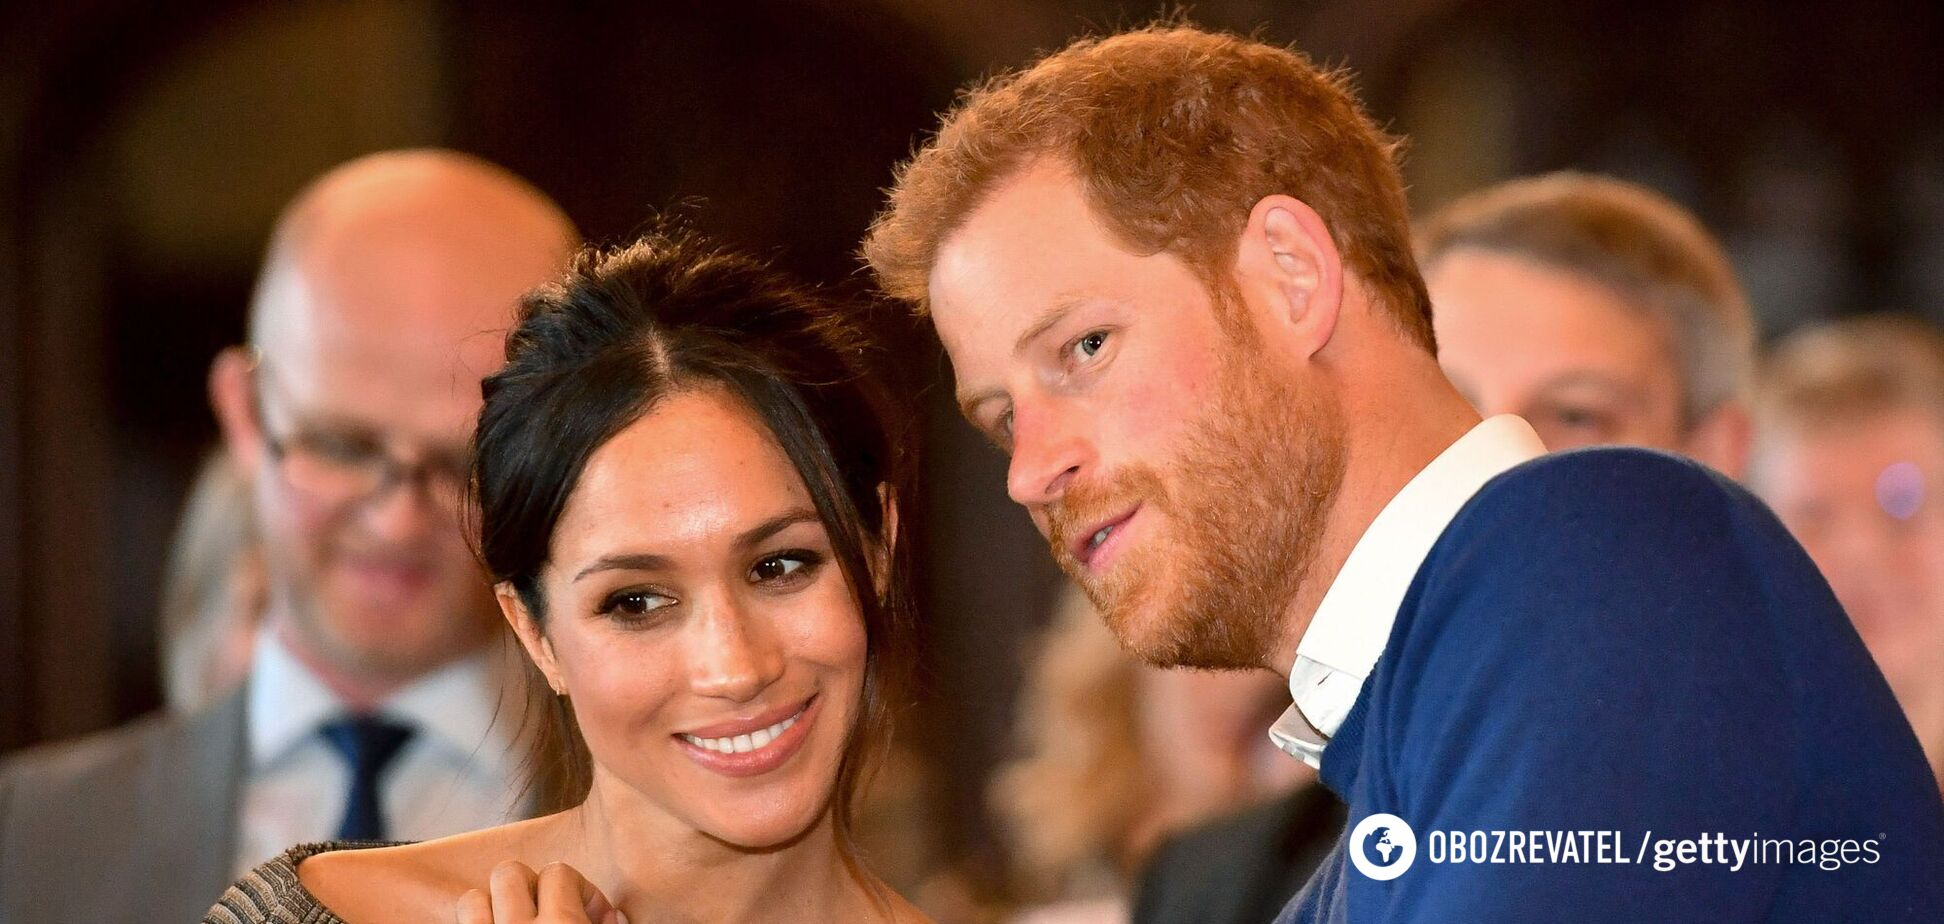 Принцу Гарри и Меган Маркл не стоит возвращаться в Великобританию, чтобы окрестить дочь